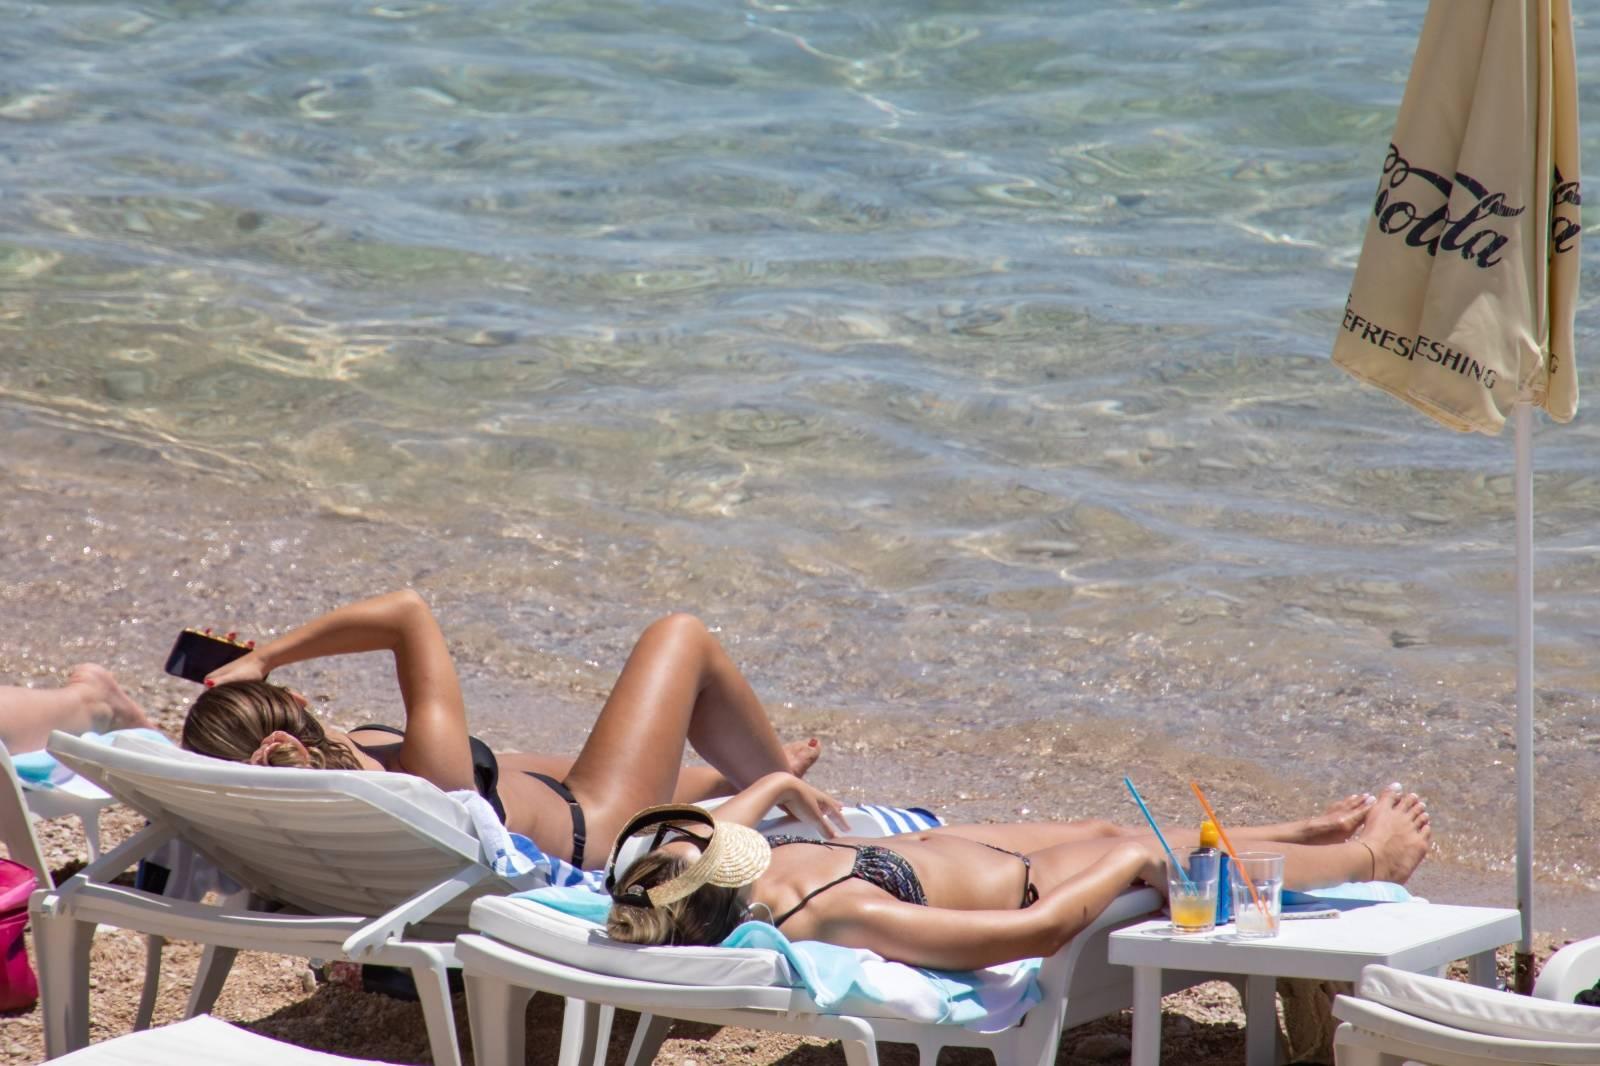 Plaže u Splitu i Dubrovniku pune turista koji hvataju sunce